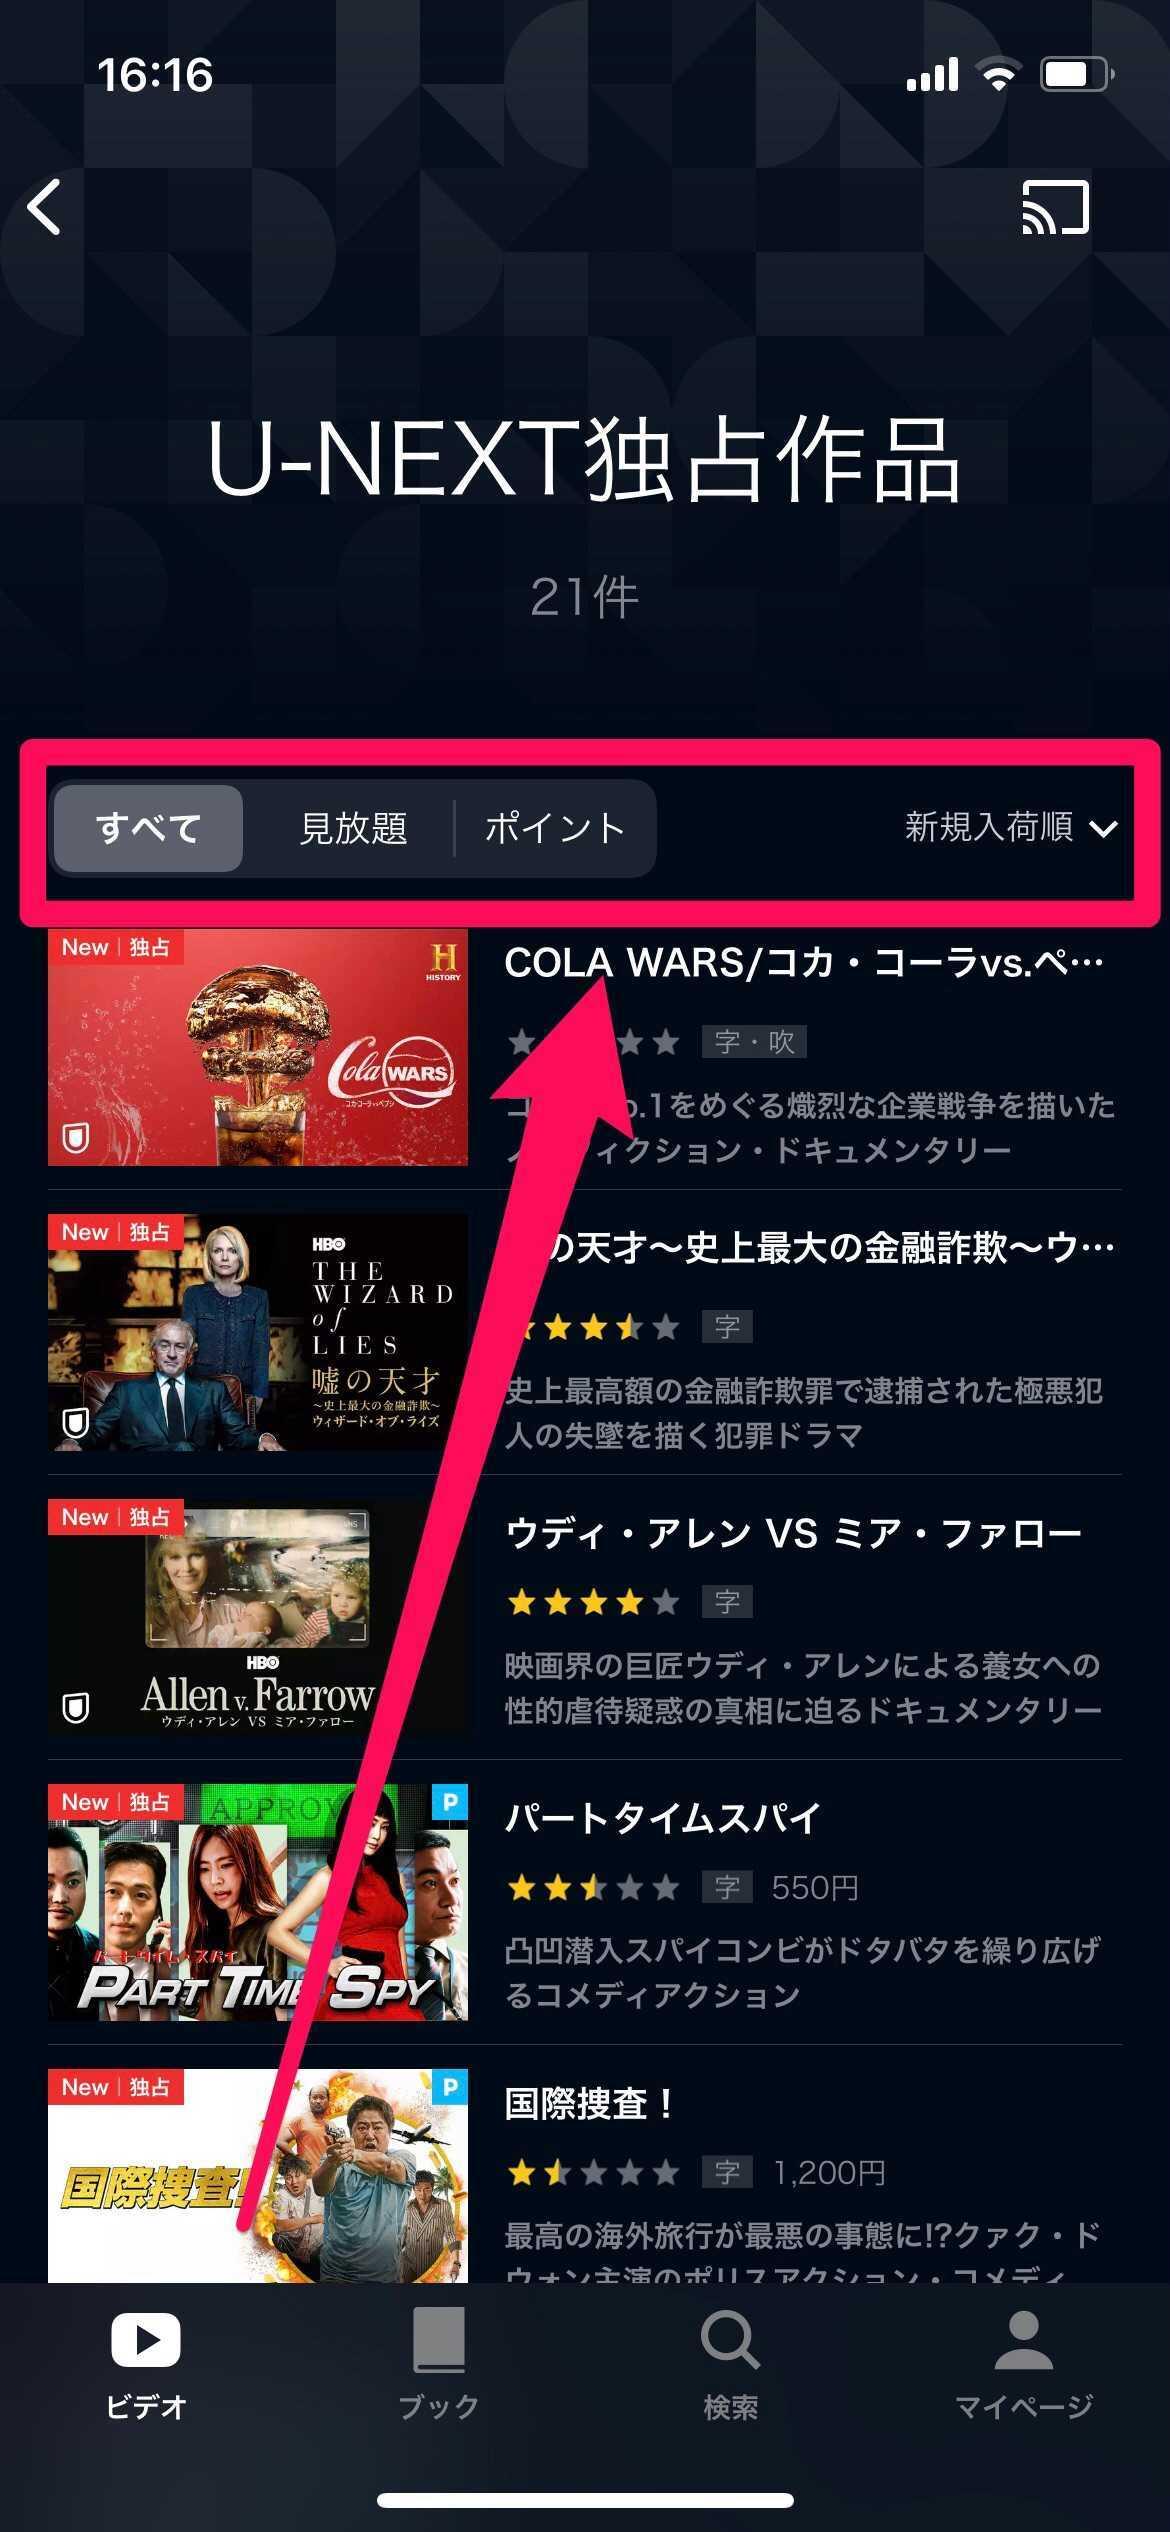 U-NEXTのアプリで動画を見る方法4